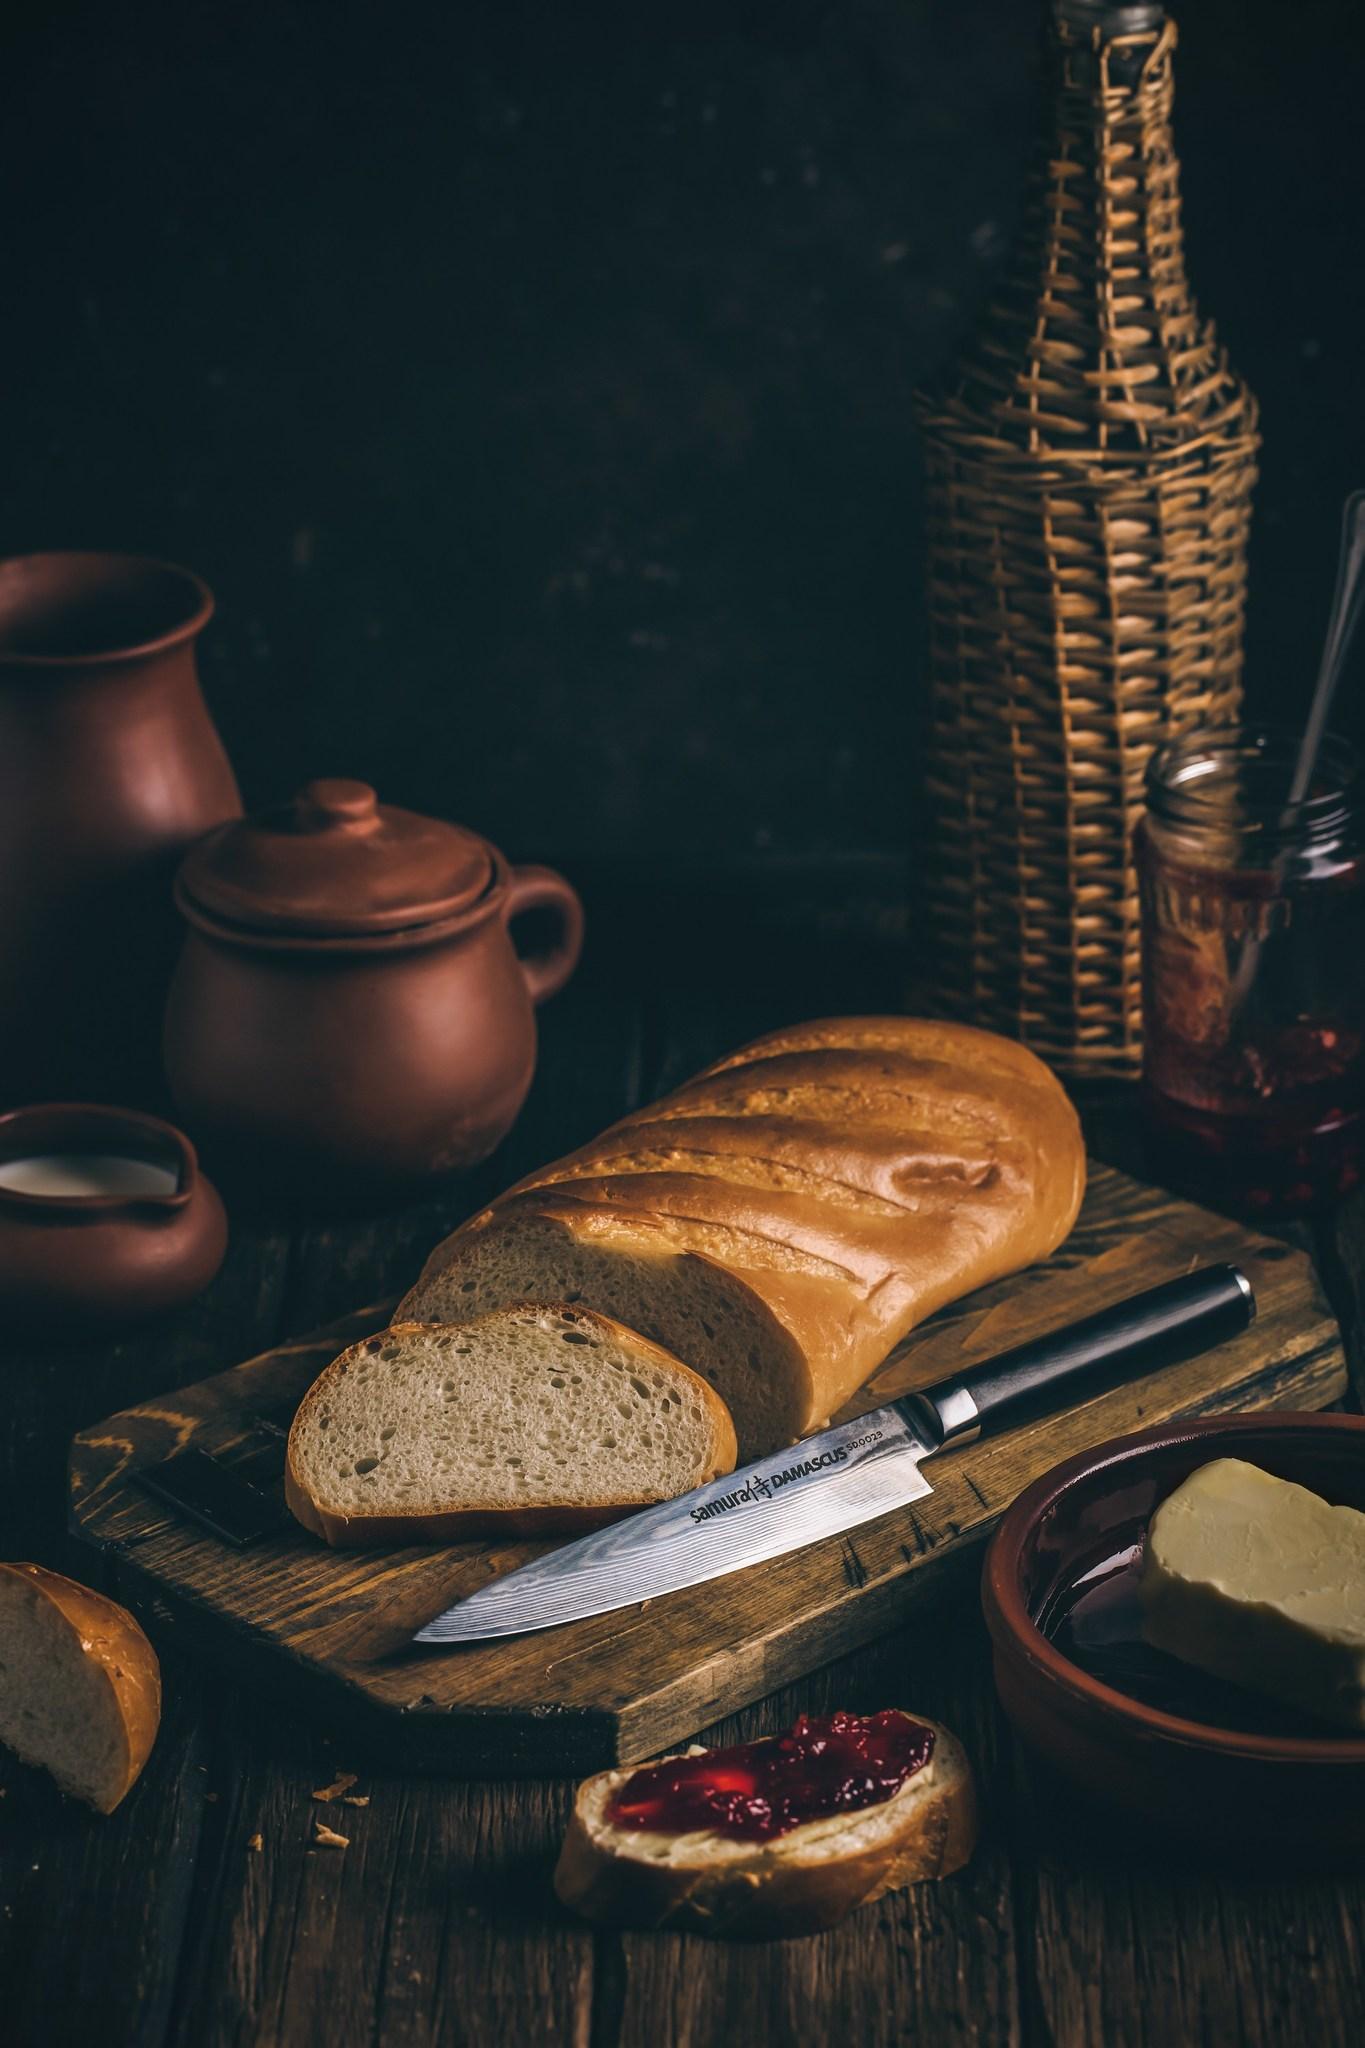 Фото 10 - Нож кухонный универсальный Samura Damascus SD-0023/Y, сталь VG-10/дамаск, рукоять G-10